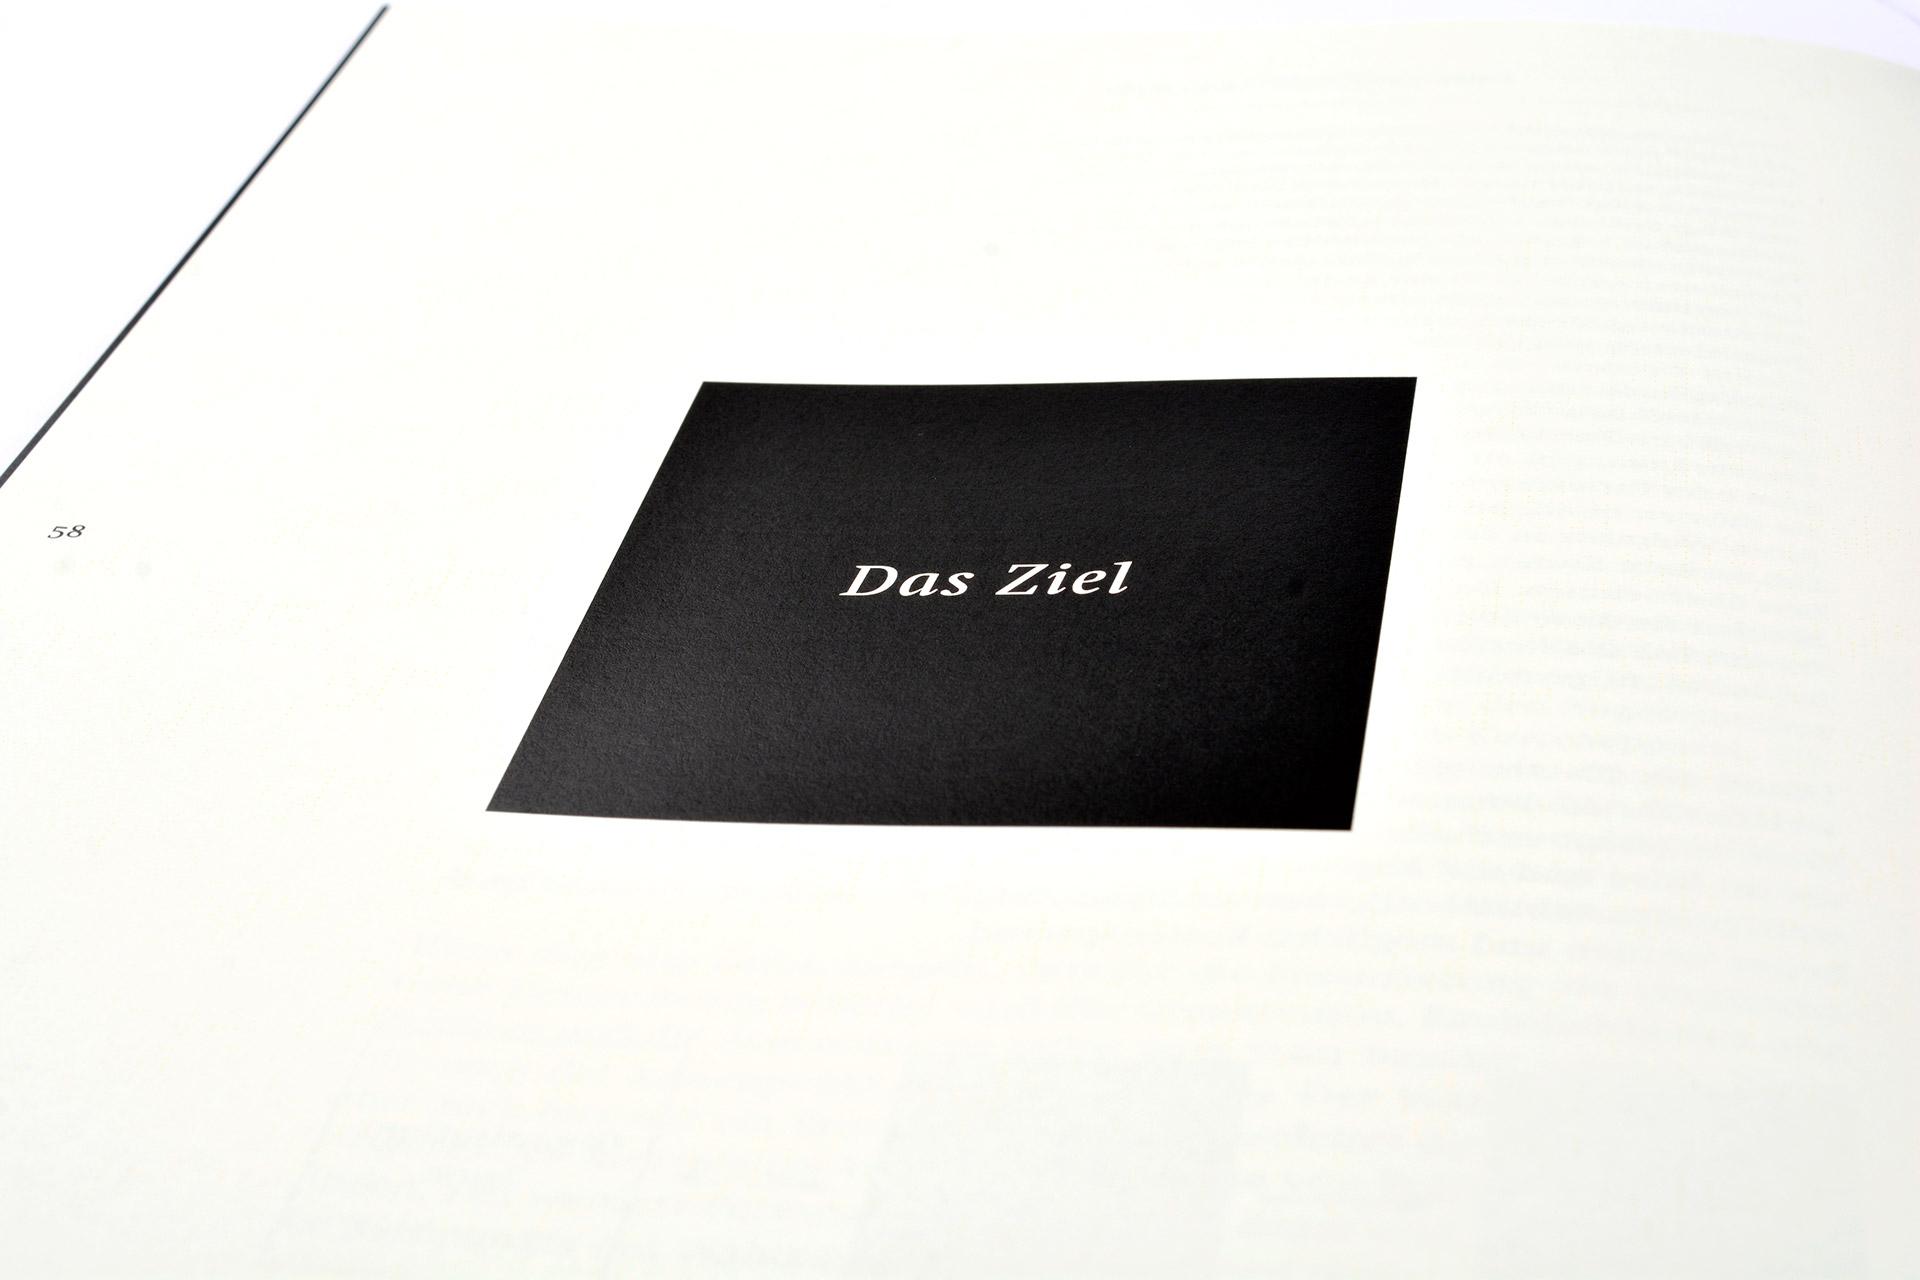 Demokratie, Demonstrieren, Design, Partei, Konzept, Studie, Buch, Münster, Bennet Grüttner